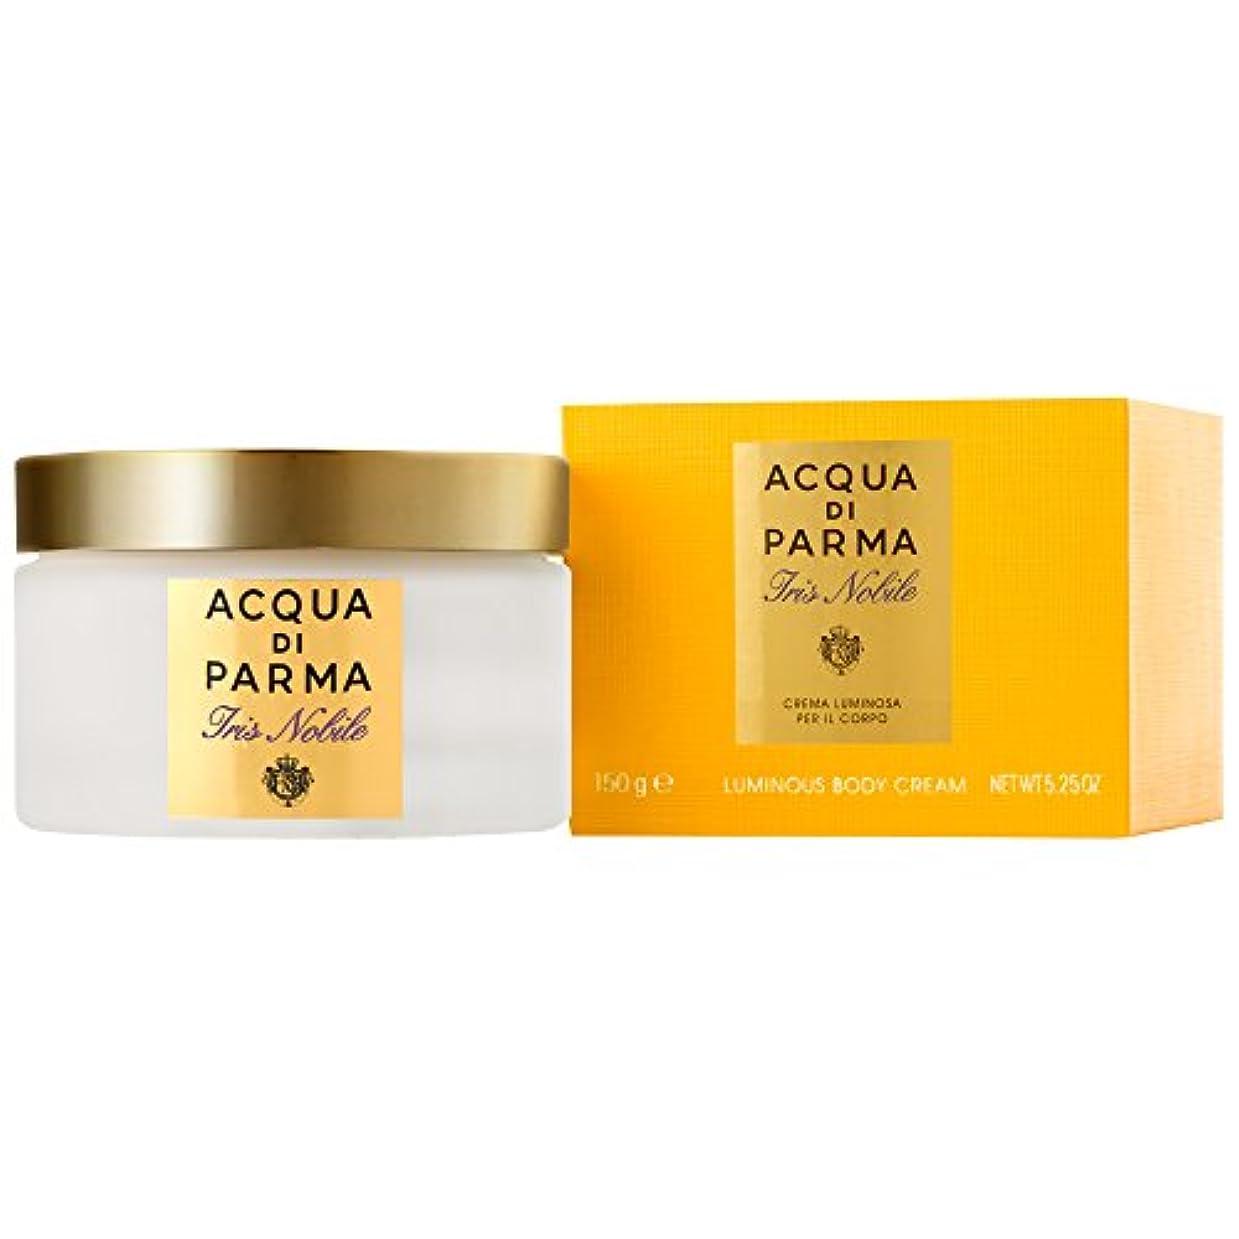 タンカー派手流産アクア?ディ?パルマアイリスノビレボディクリーム150ミリリットル (Acqua di Parma) - Acqua di Parma Iris Nobile Body Cream 150ml [並行輸入品]